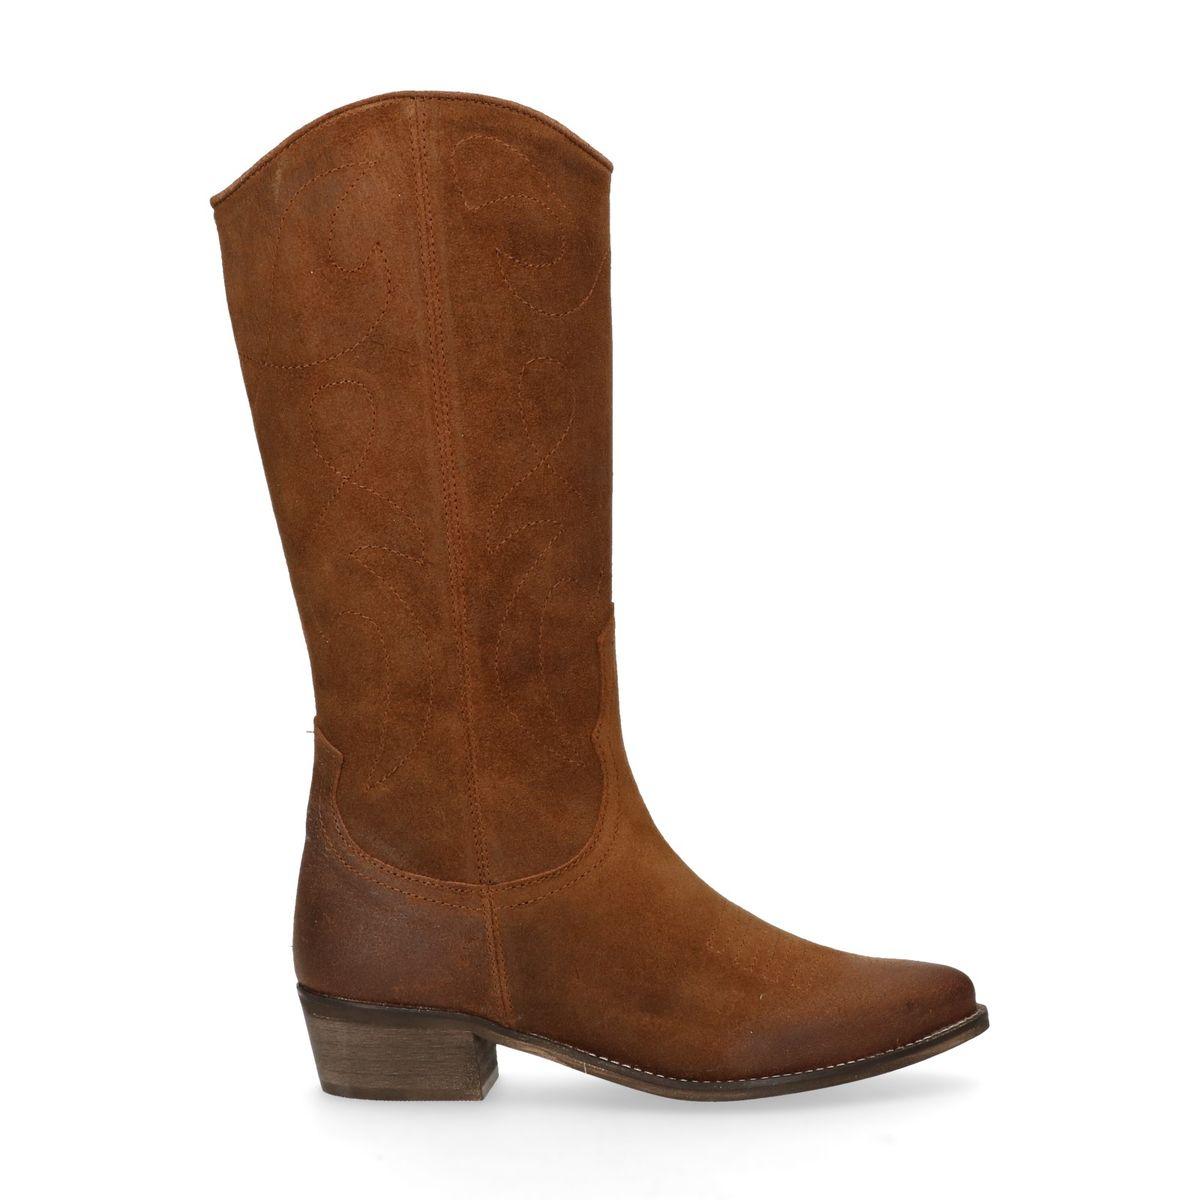 Bottes style cowboy en cuir - marron (Maat 37)